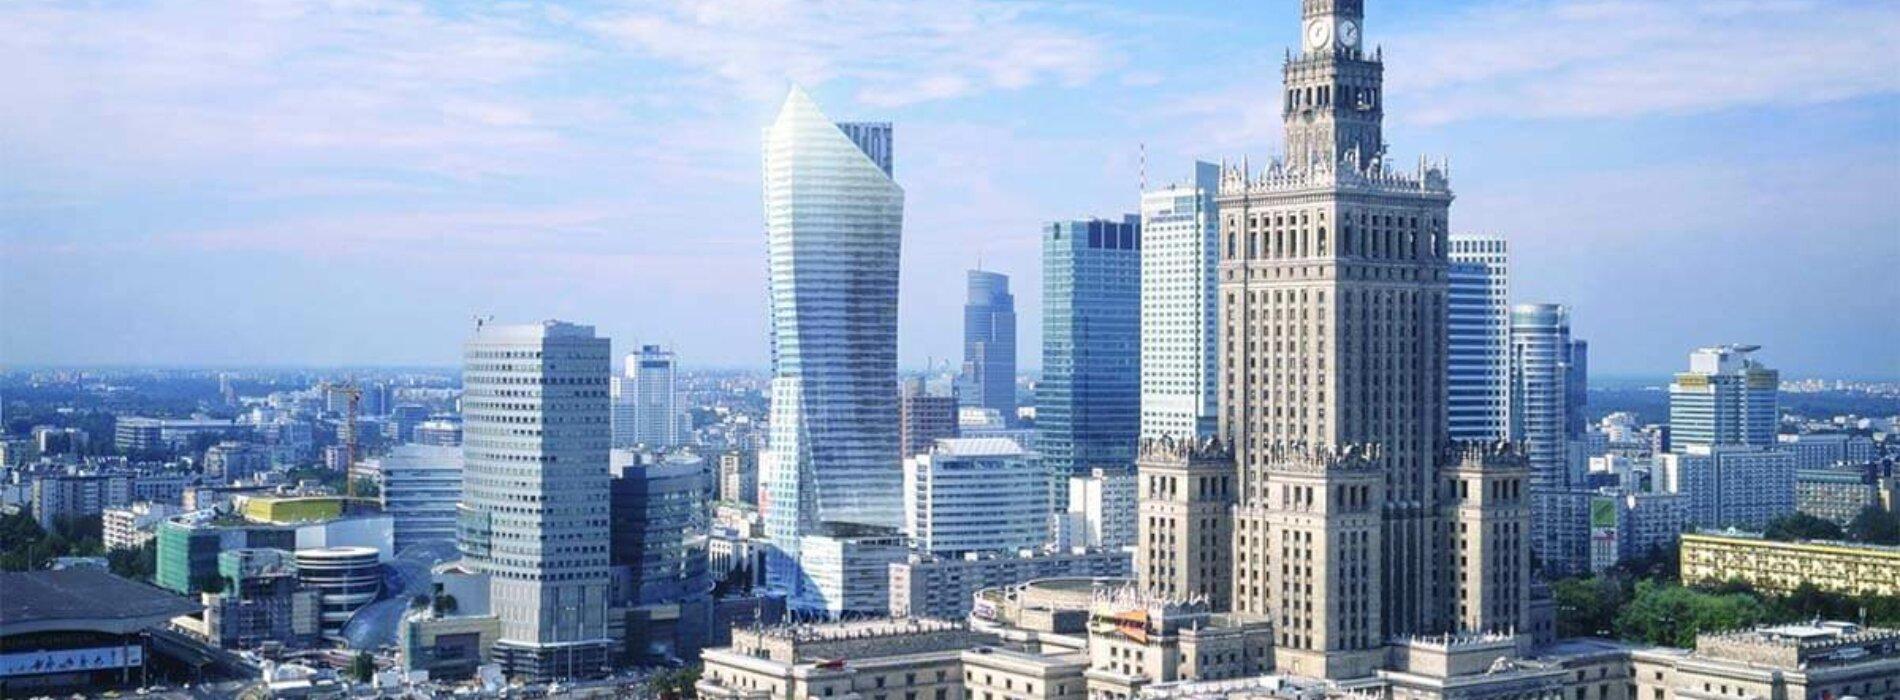 Gdzie w Warszawie wykonać stronę internetową?